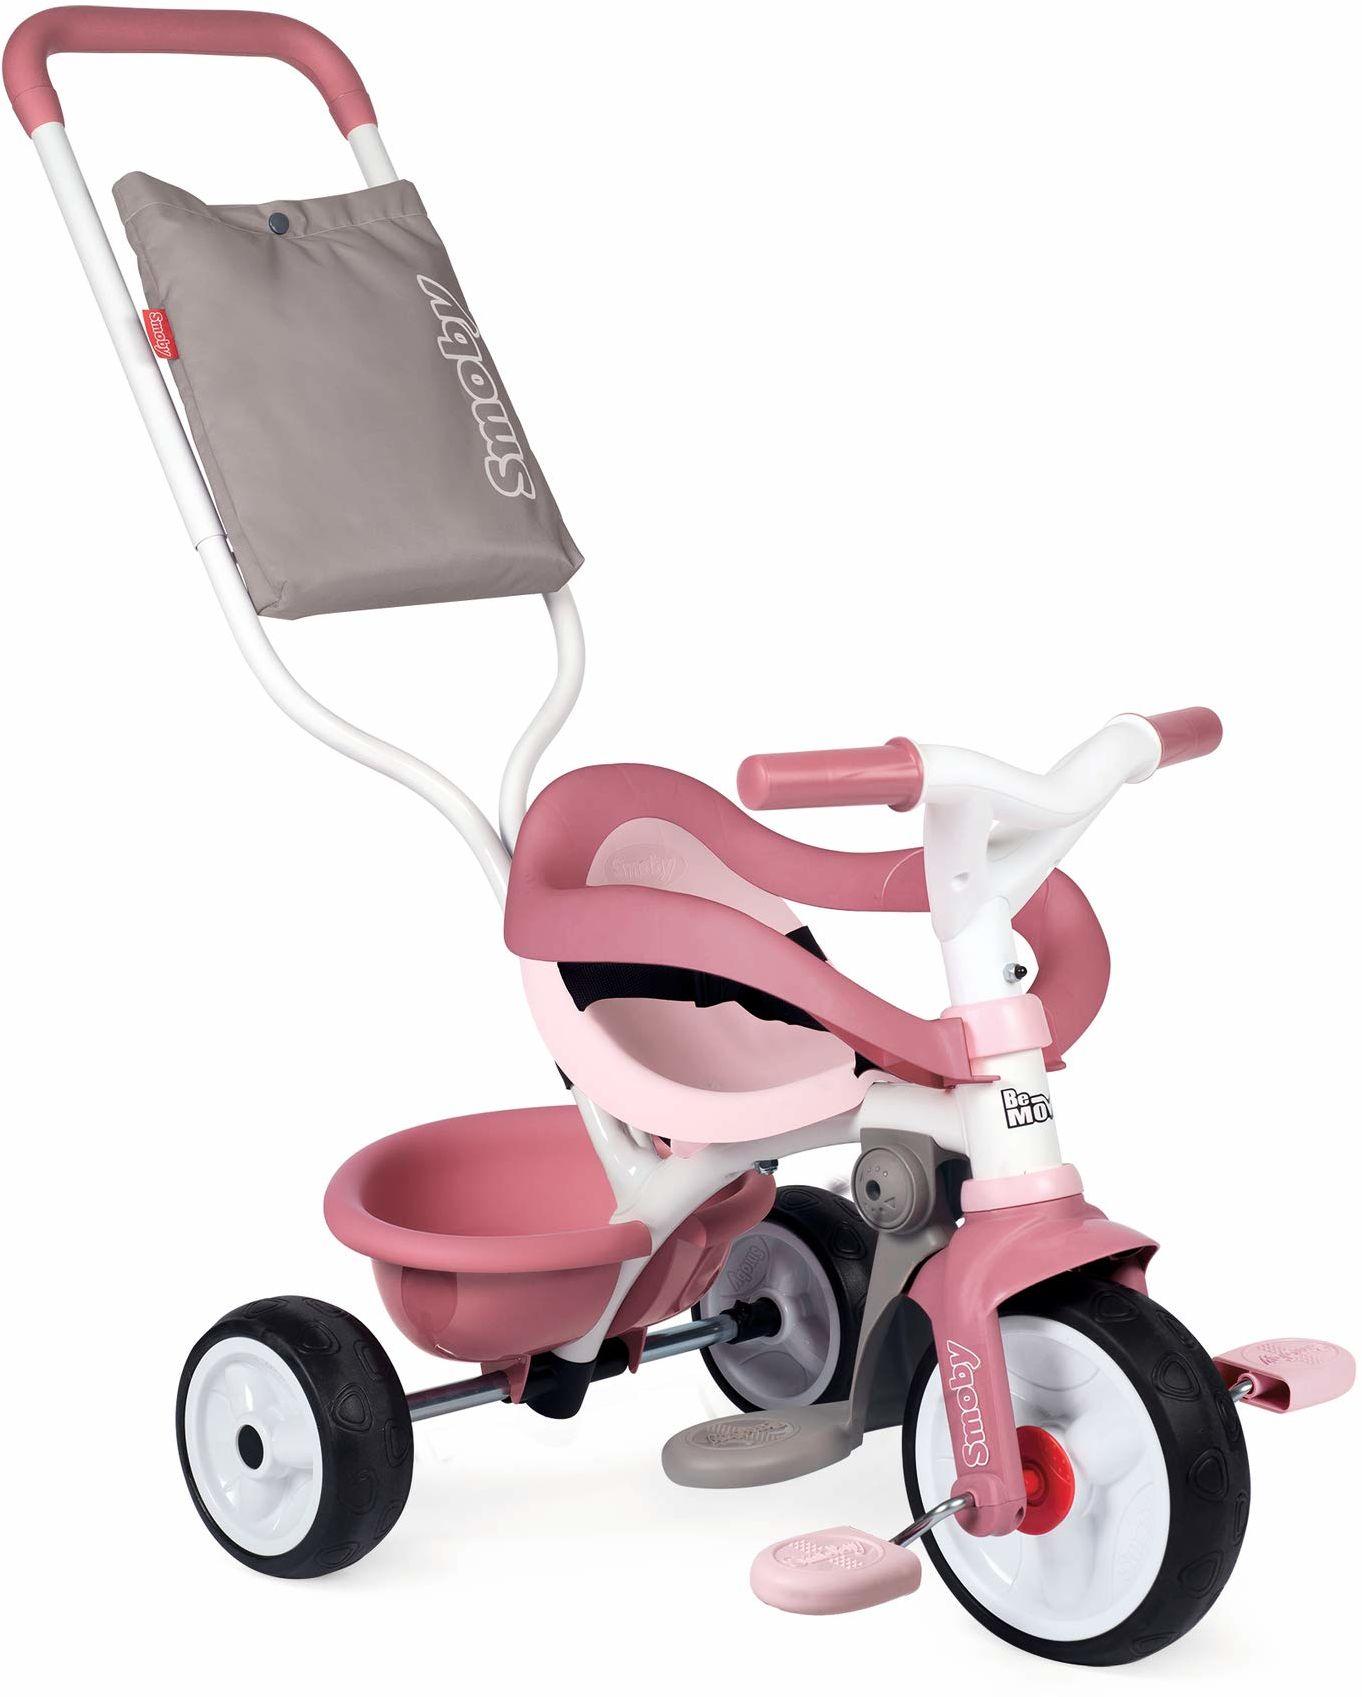 Smoby 7600740415 Rowerek Trójkołowy Be Move Komfort 7600740415 Różowy ,Różowy